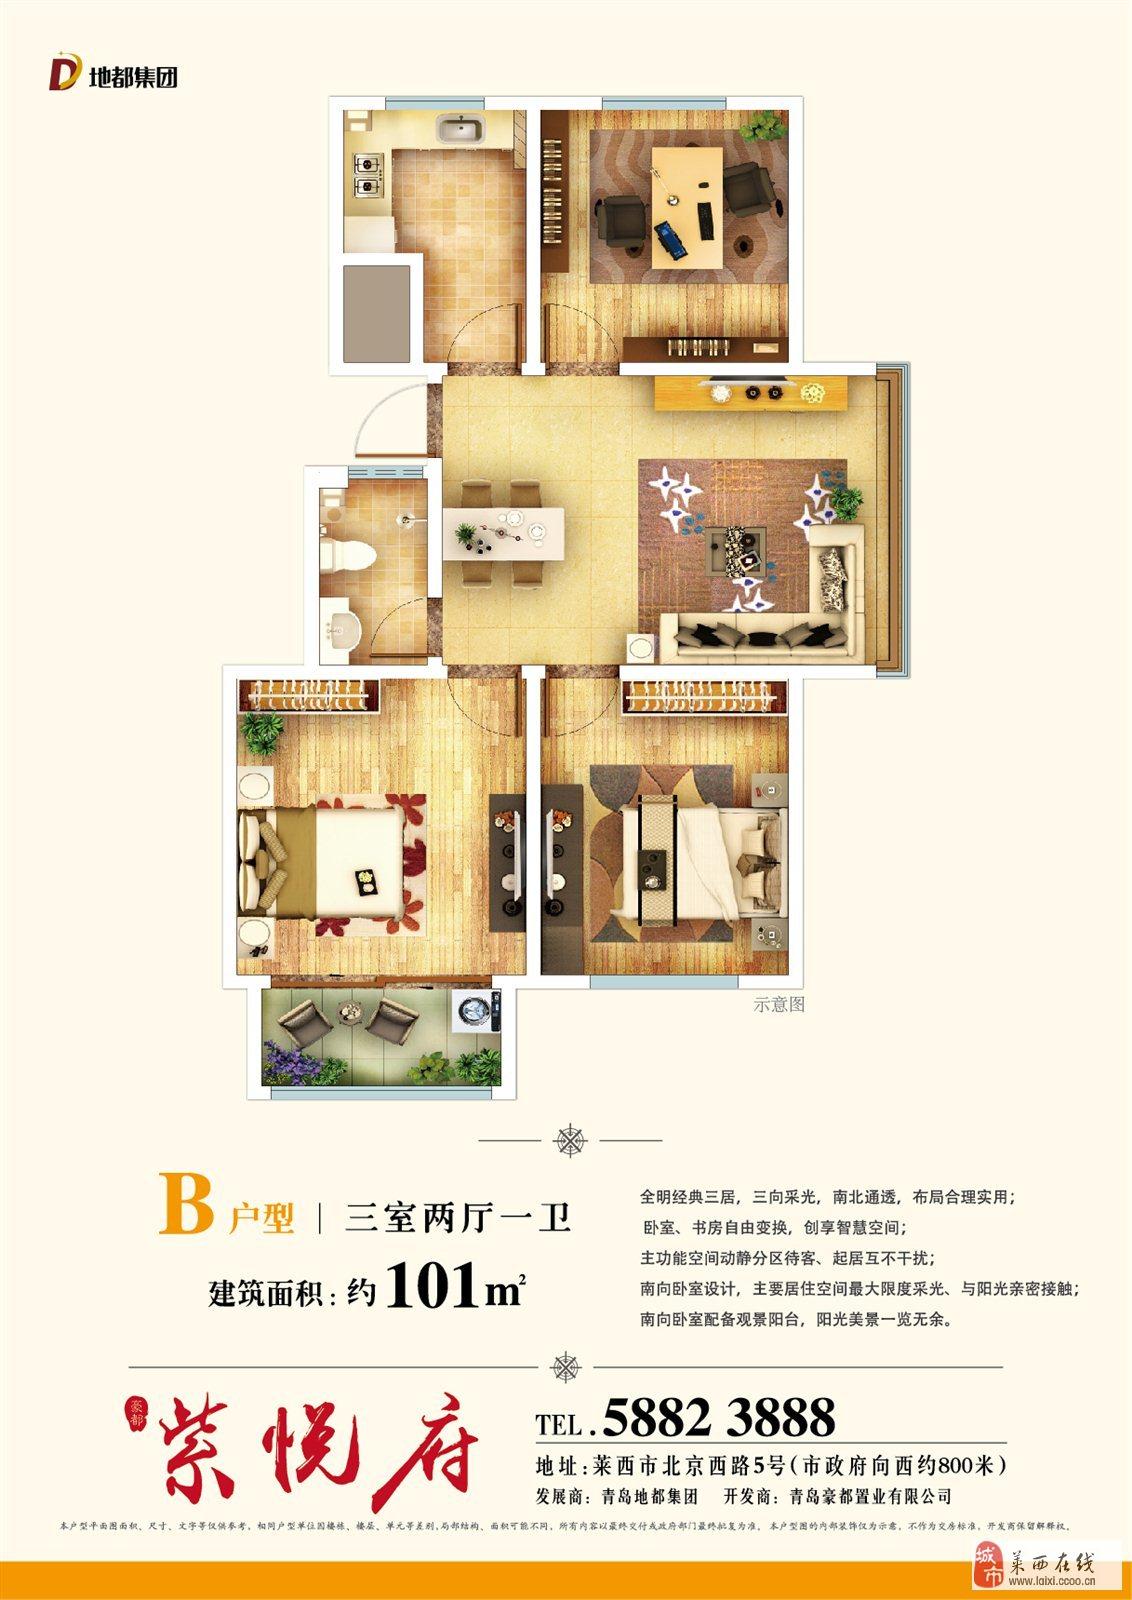 紫悅府106平三室,更名,帶車位底83.8萬元